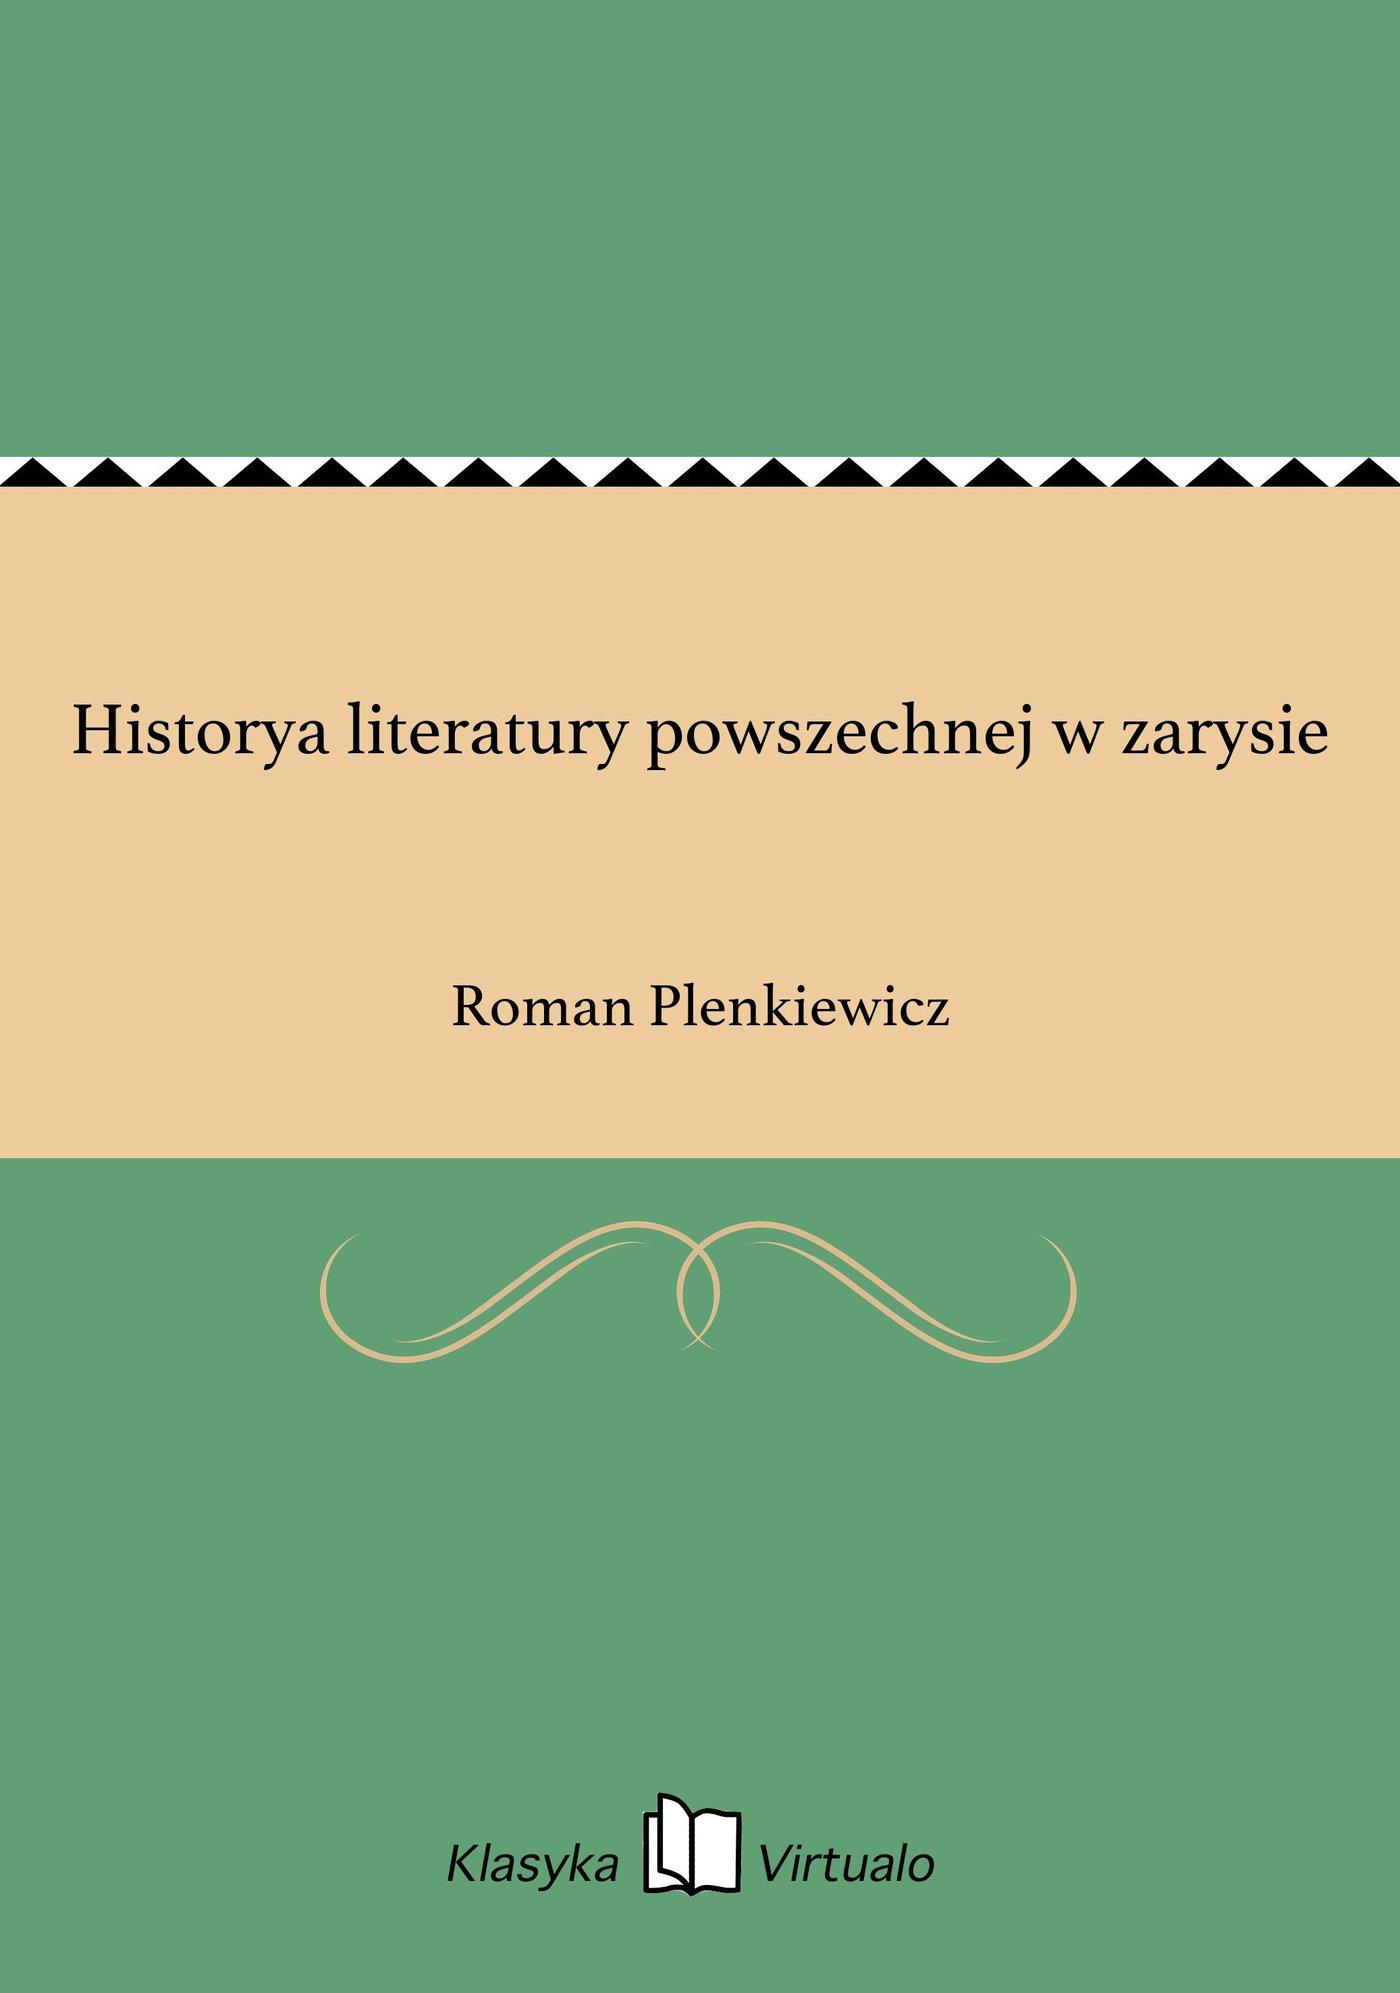 Historya literatury powszechnej w zarysie - Ebook (Książka EPUB) do pobrania w formacie EPUB